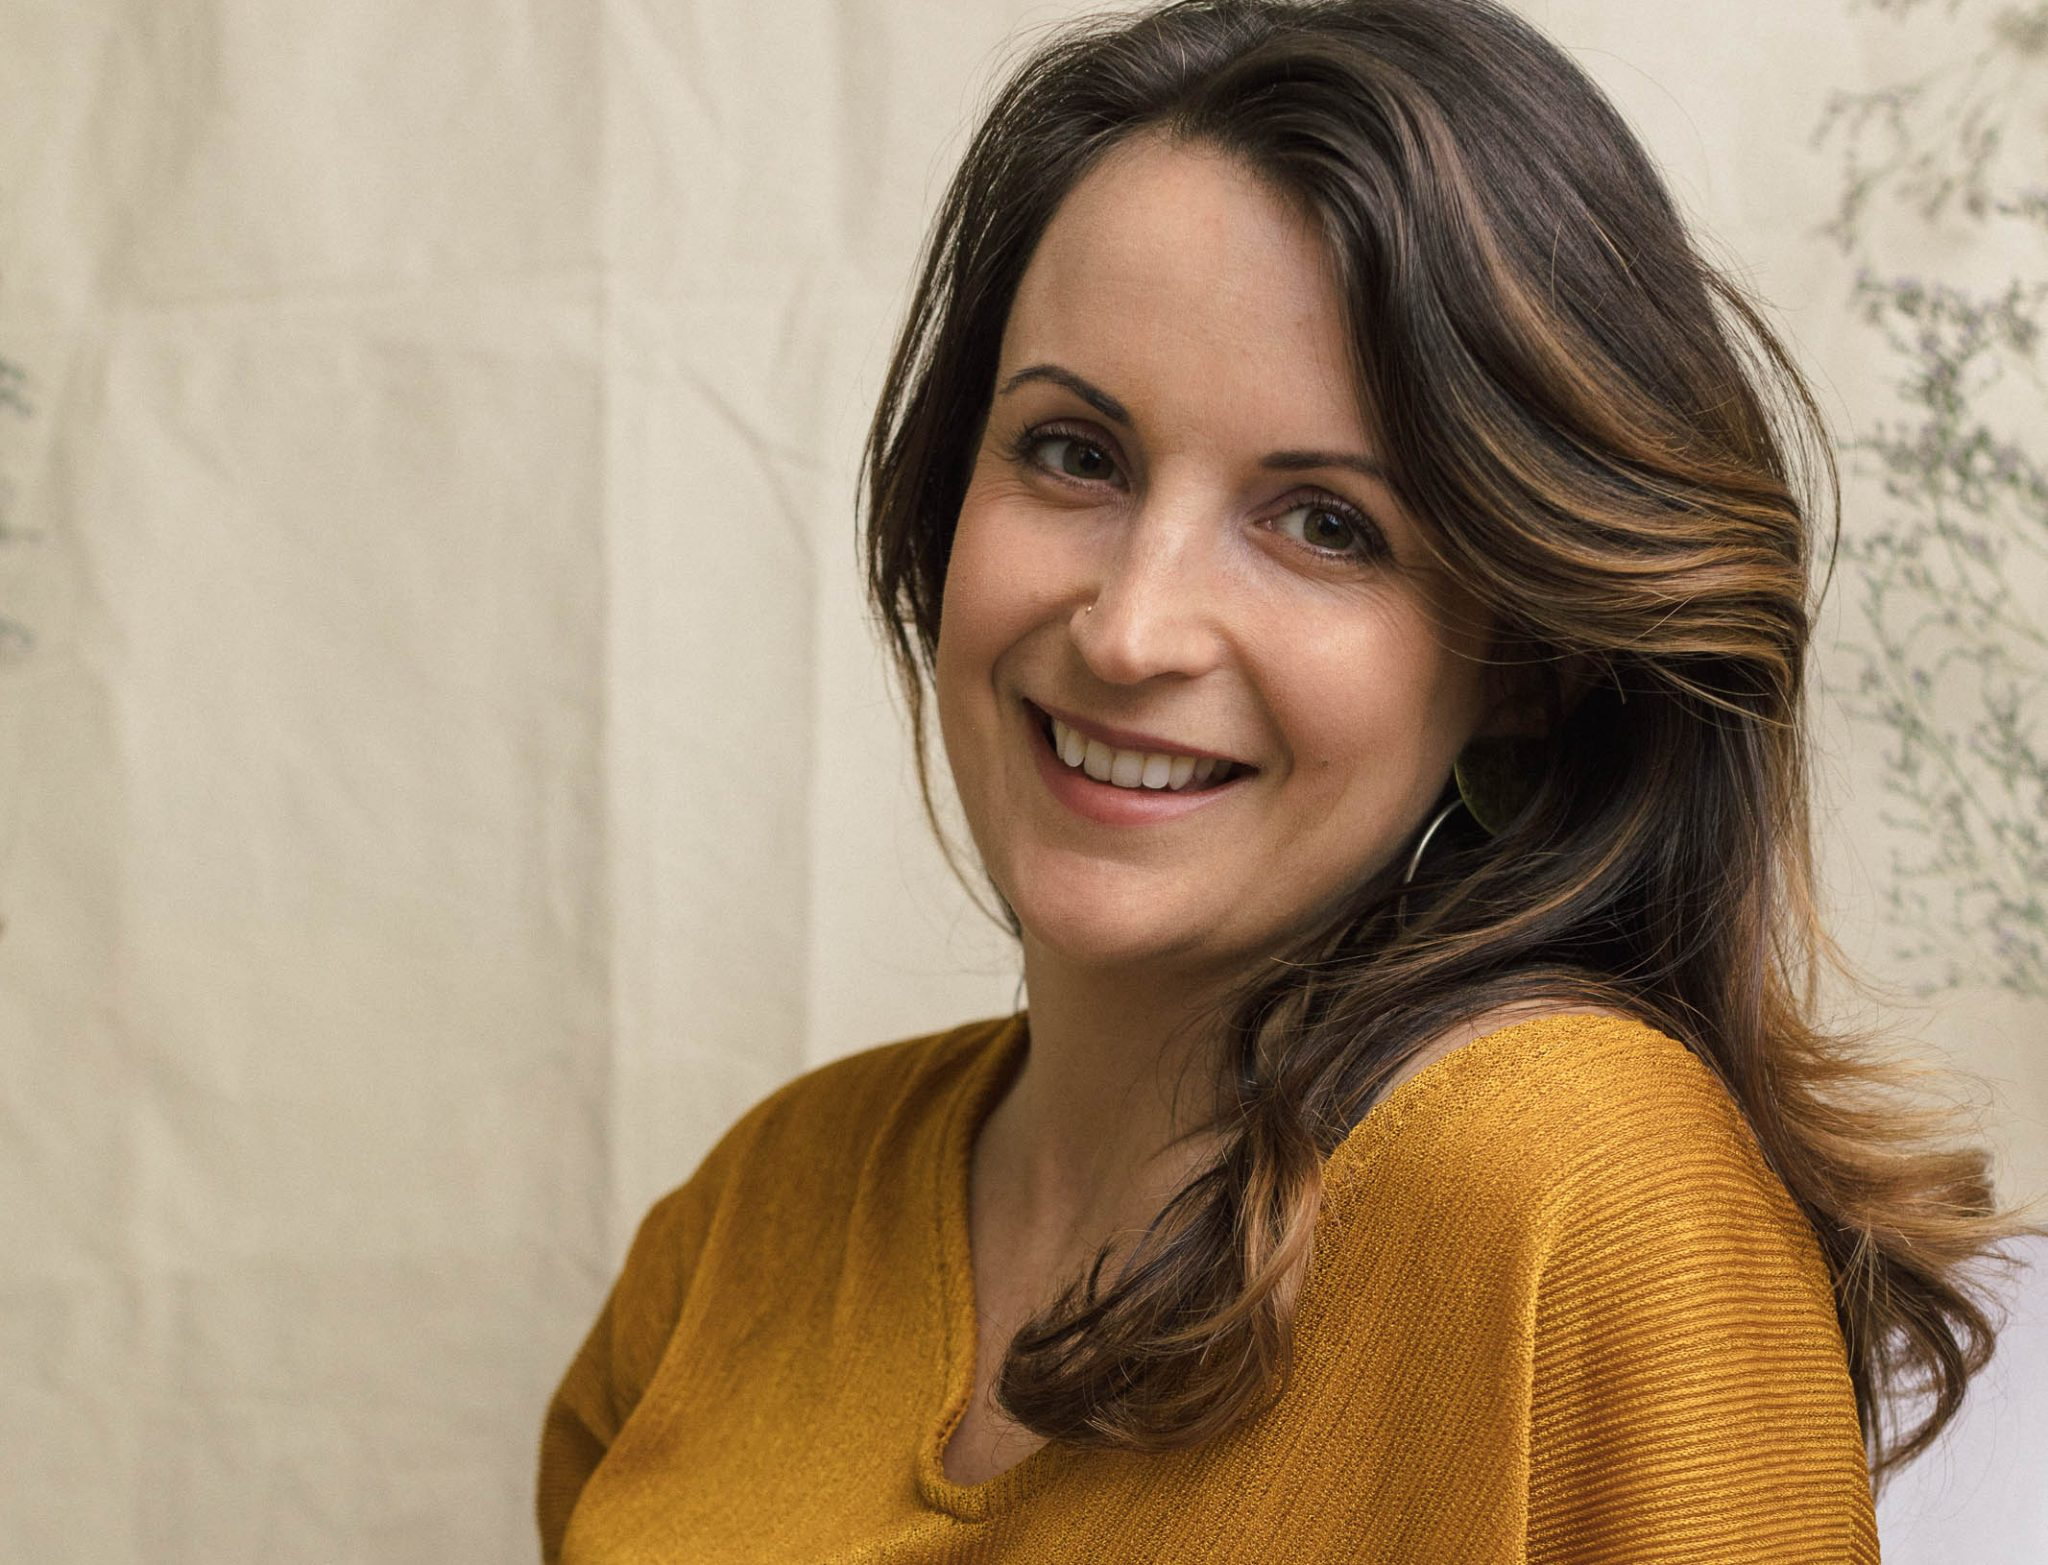 Janet DeHart